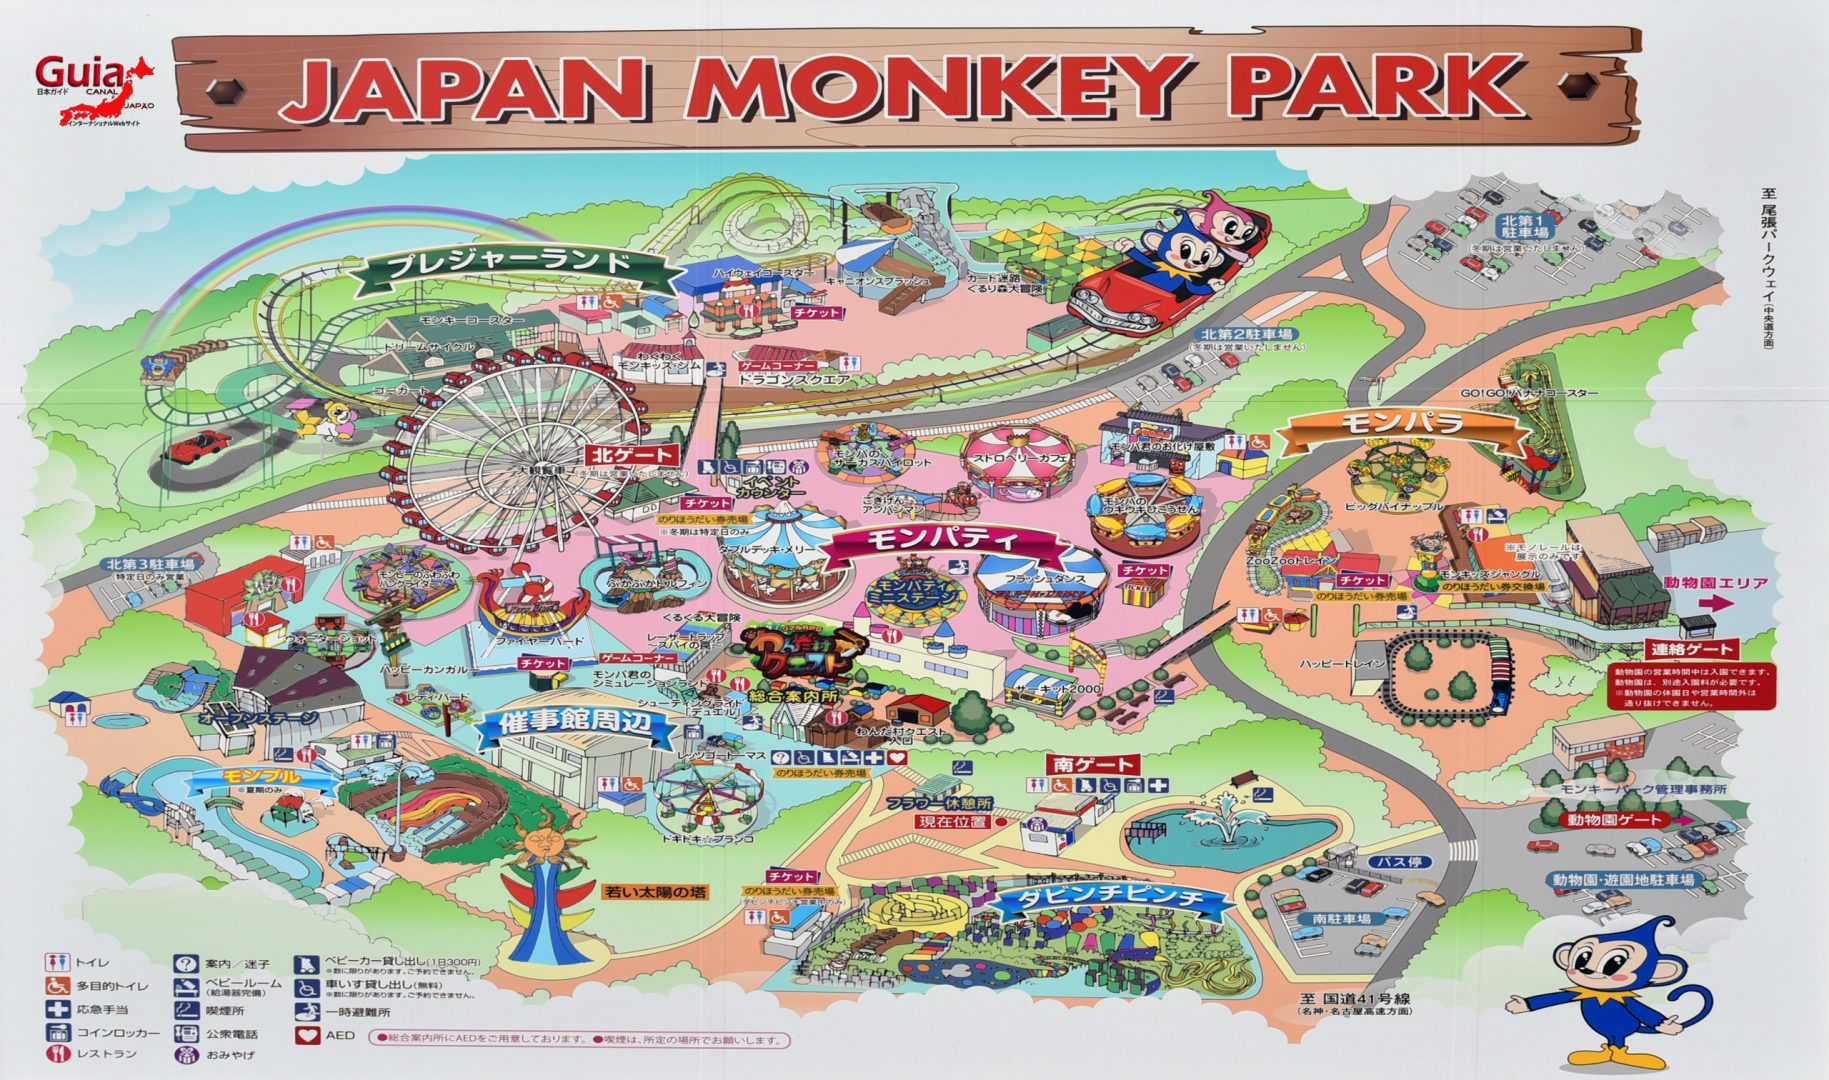 游乐园-日本猴子公园1